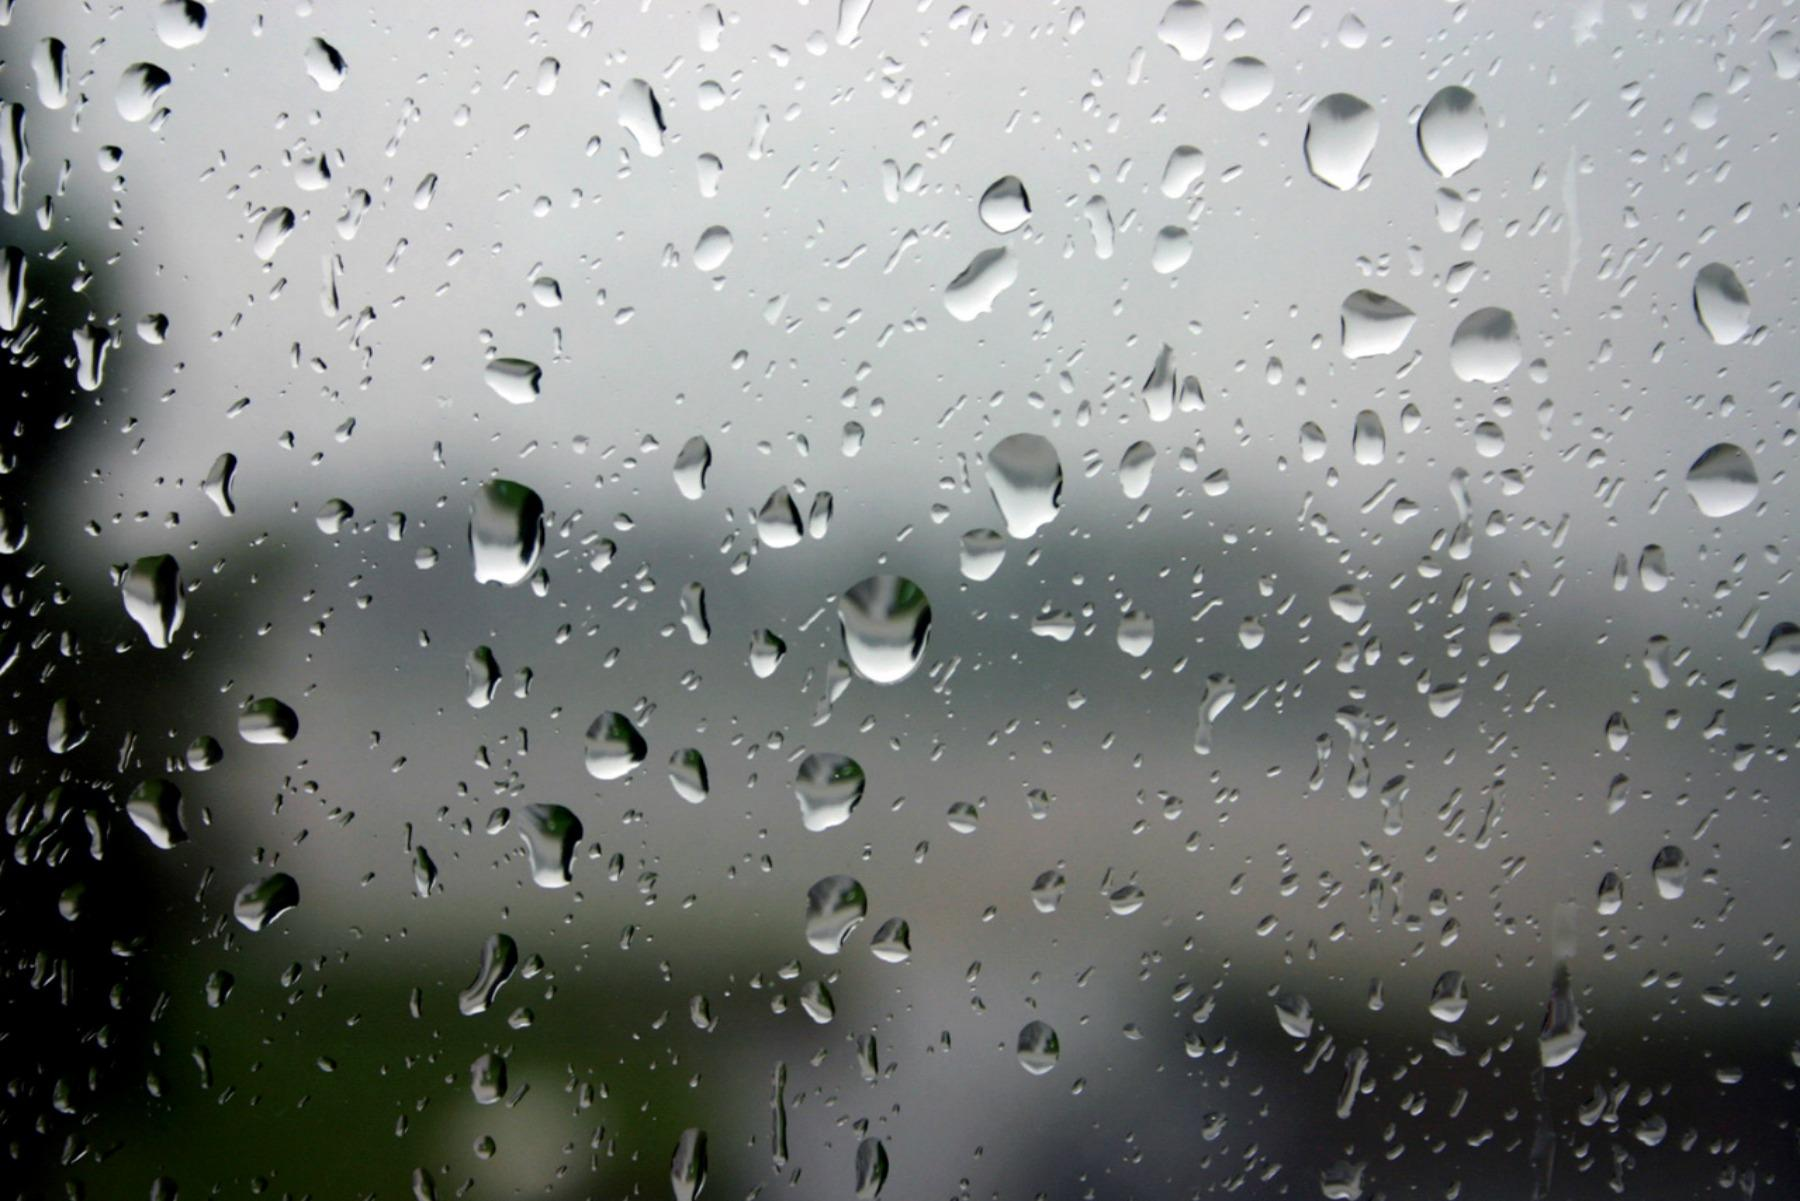 Plâns de ploaie verde